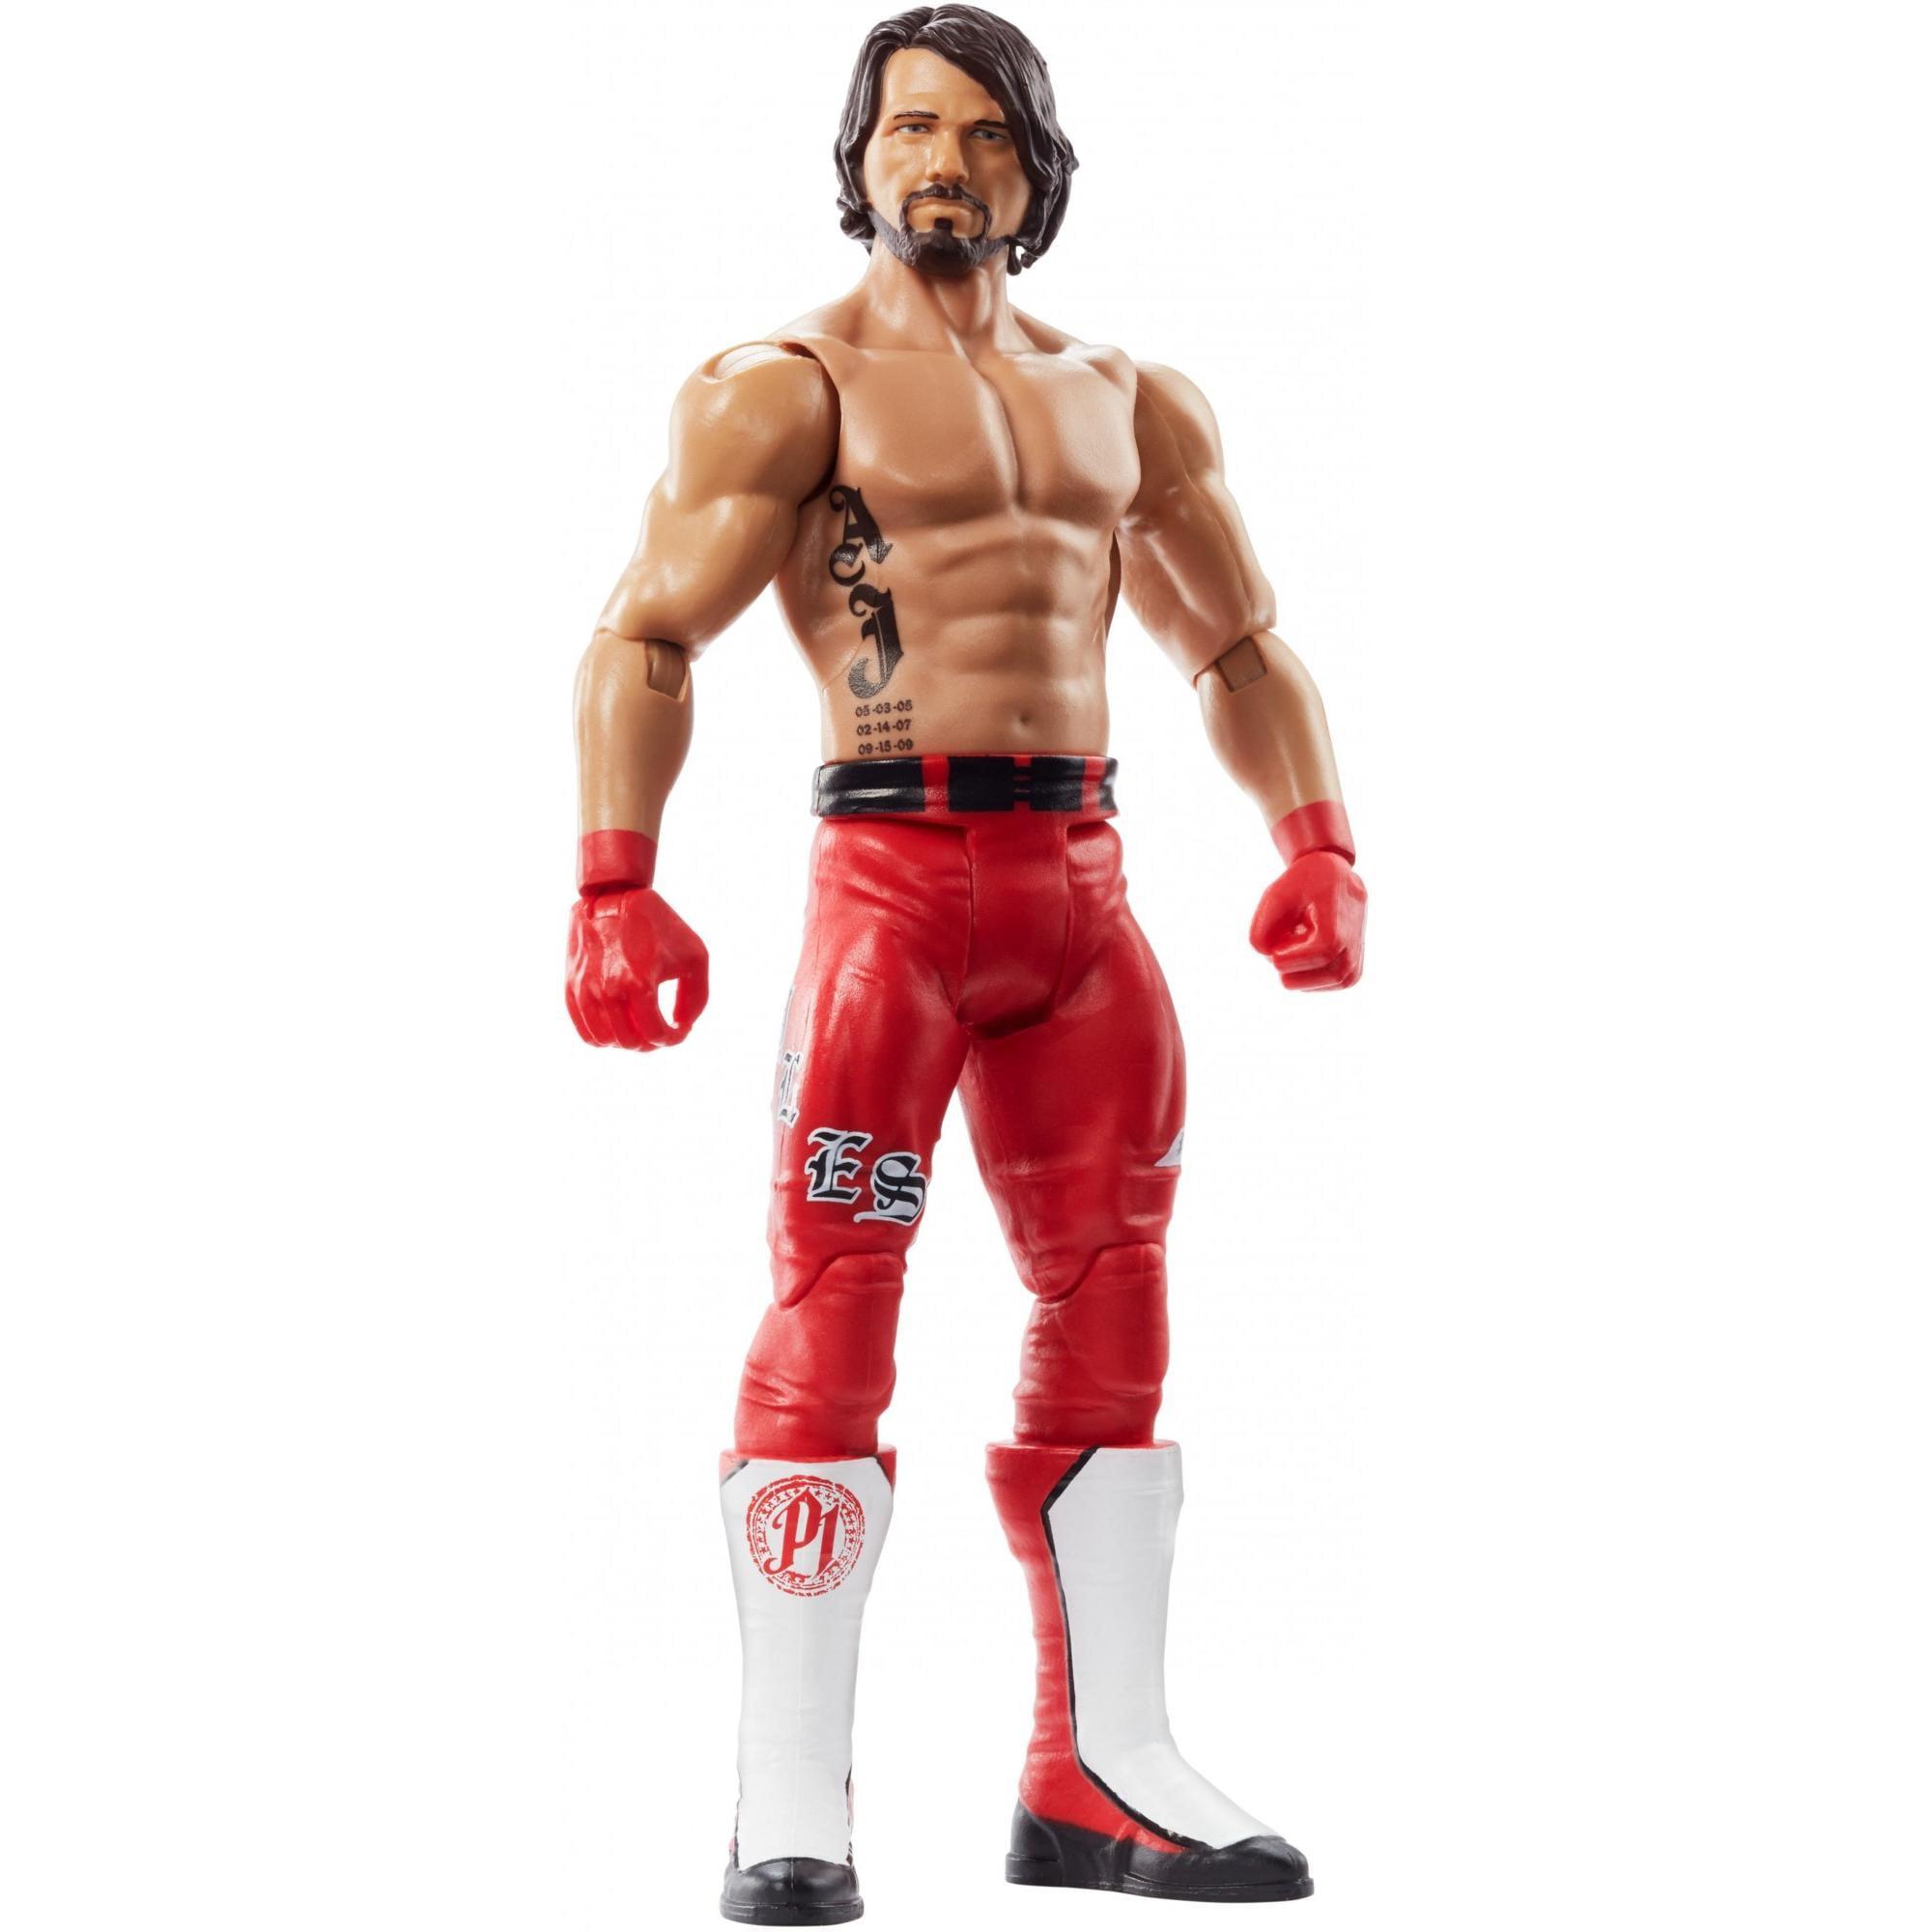 WWE ELITE Survivor série AJ Styles Walmart Mattel exclusives Figure-dans la main